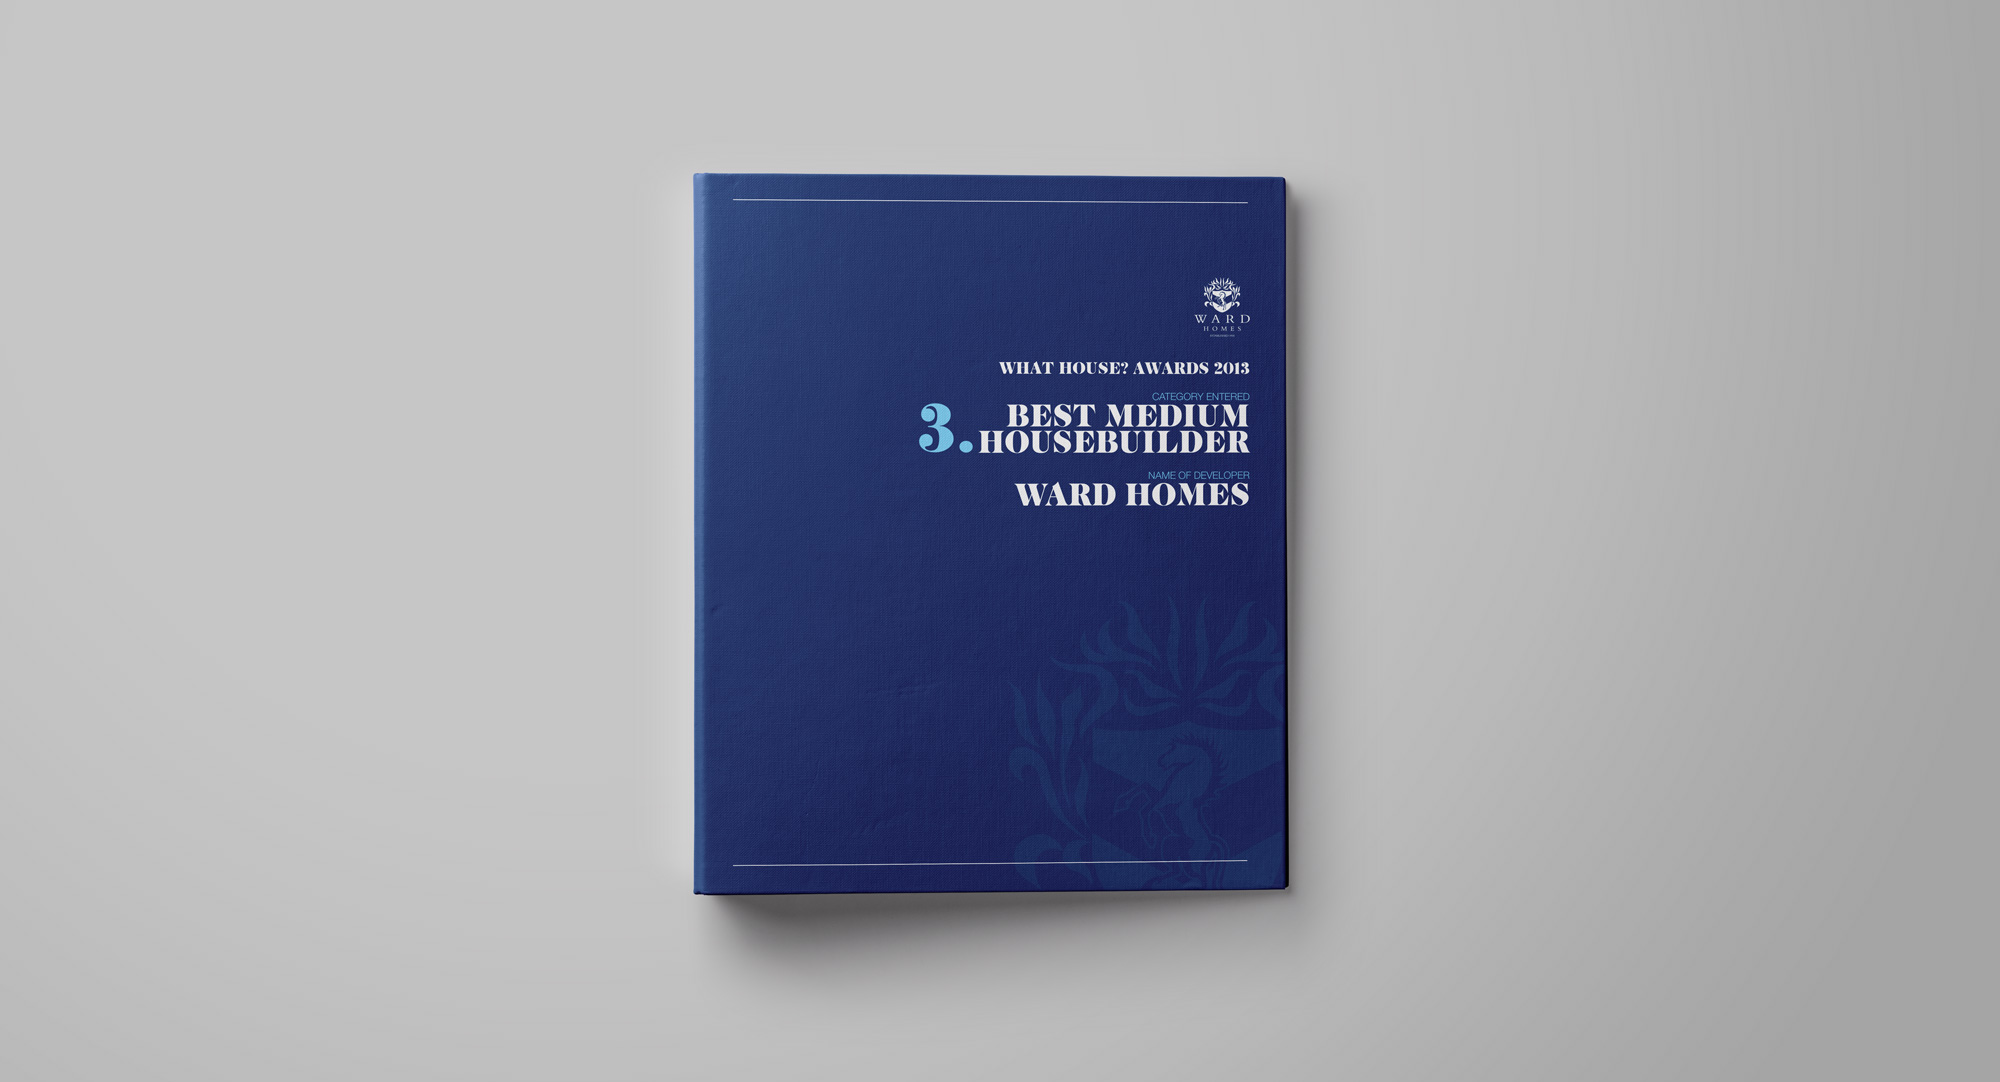 Ward Homes Award Submission